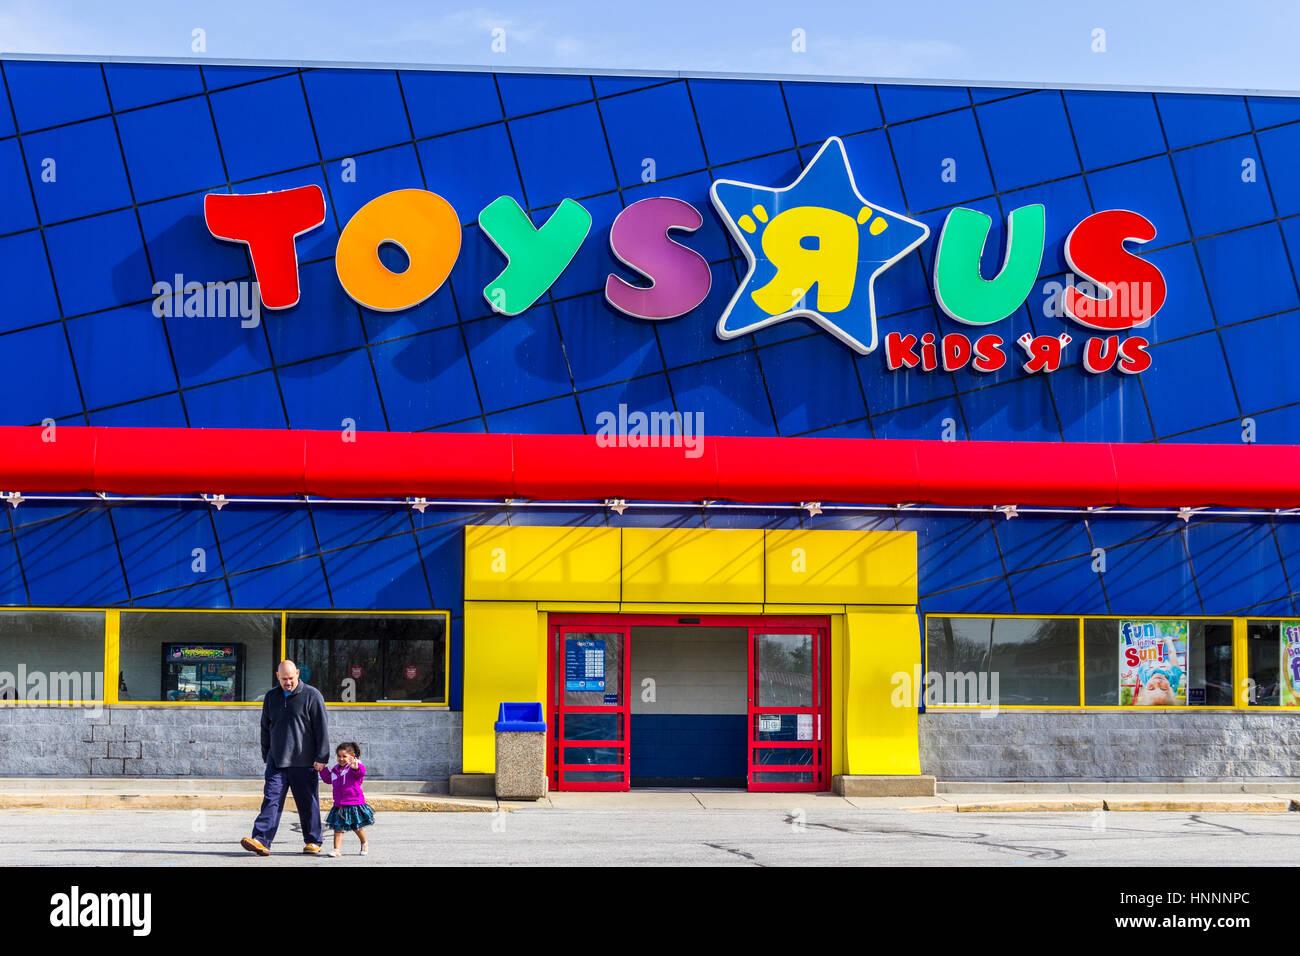 Toysrus Stock Photos & Toysrus Stock Images - Alamy